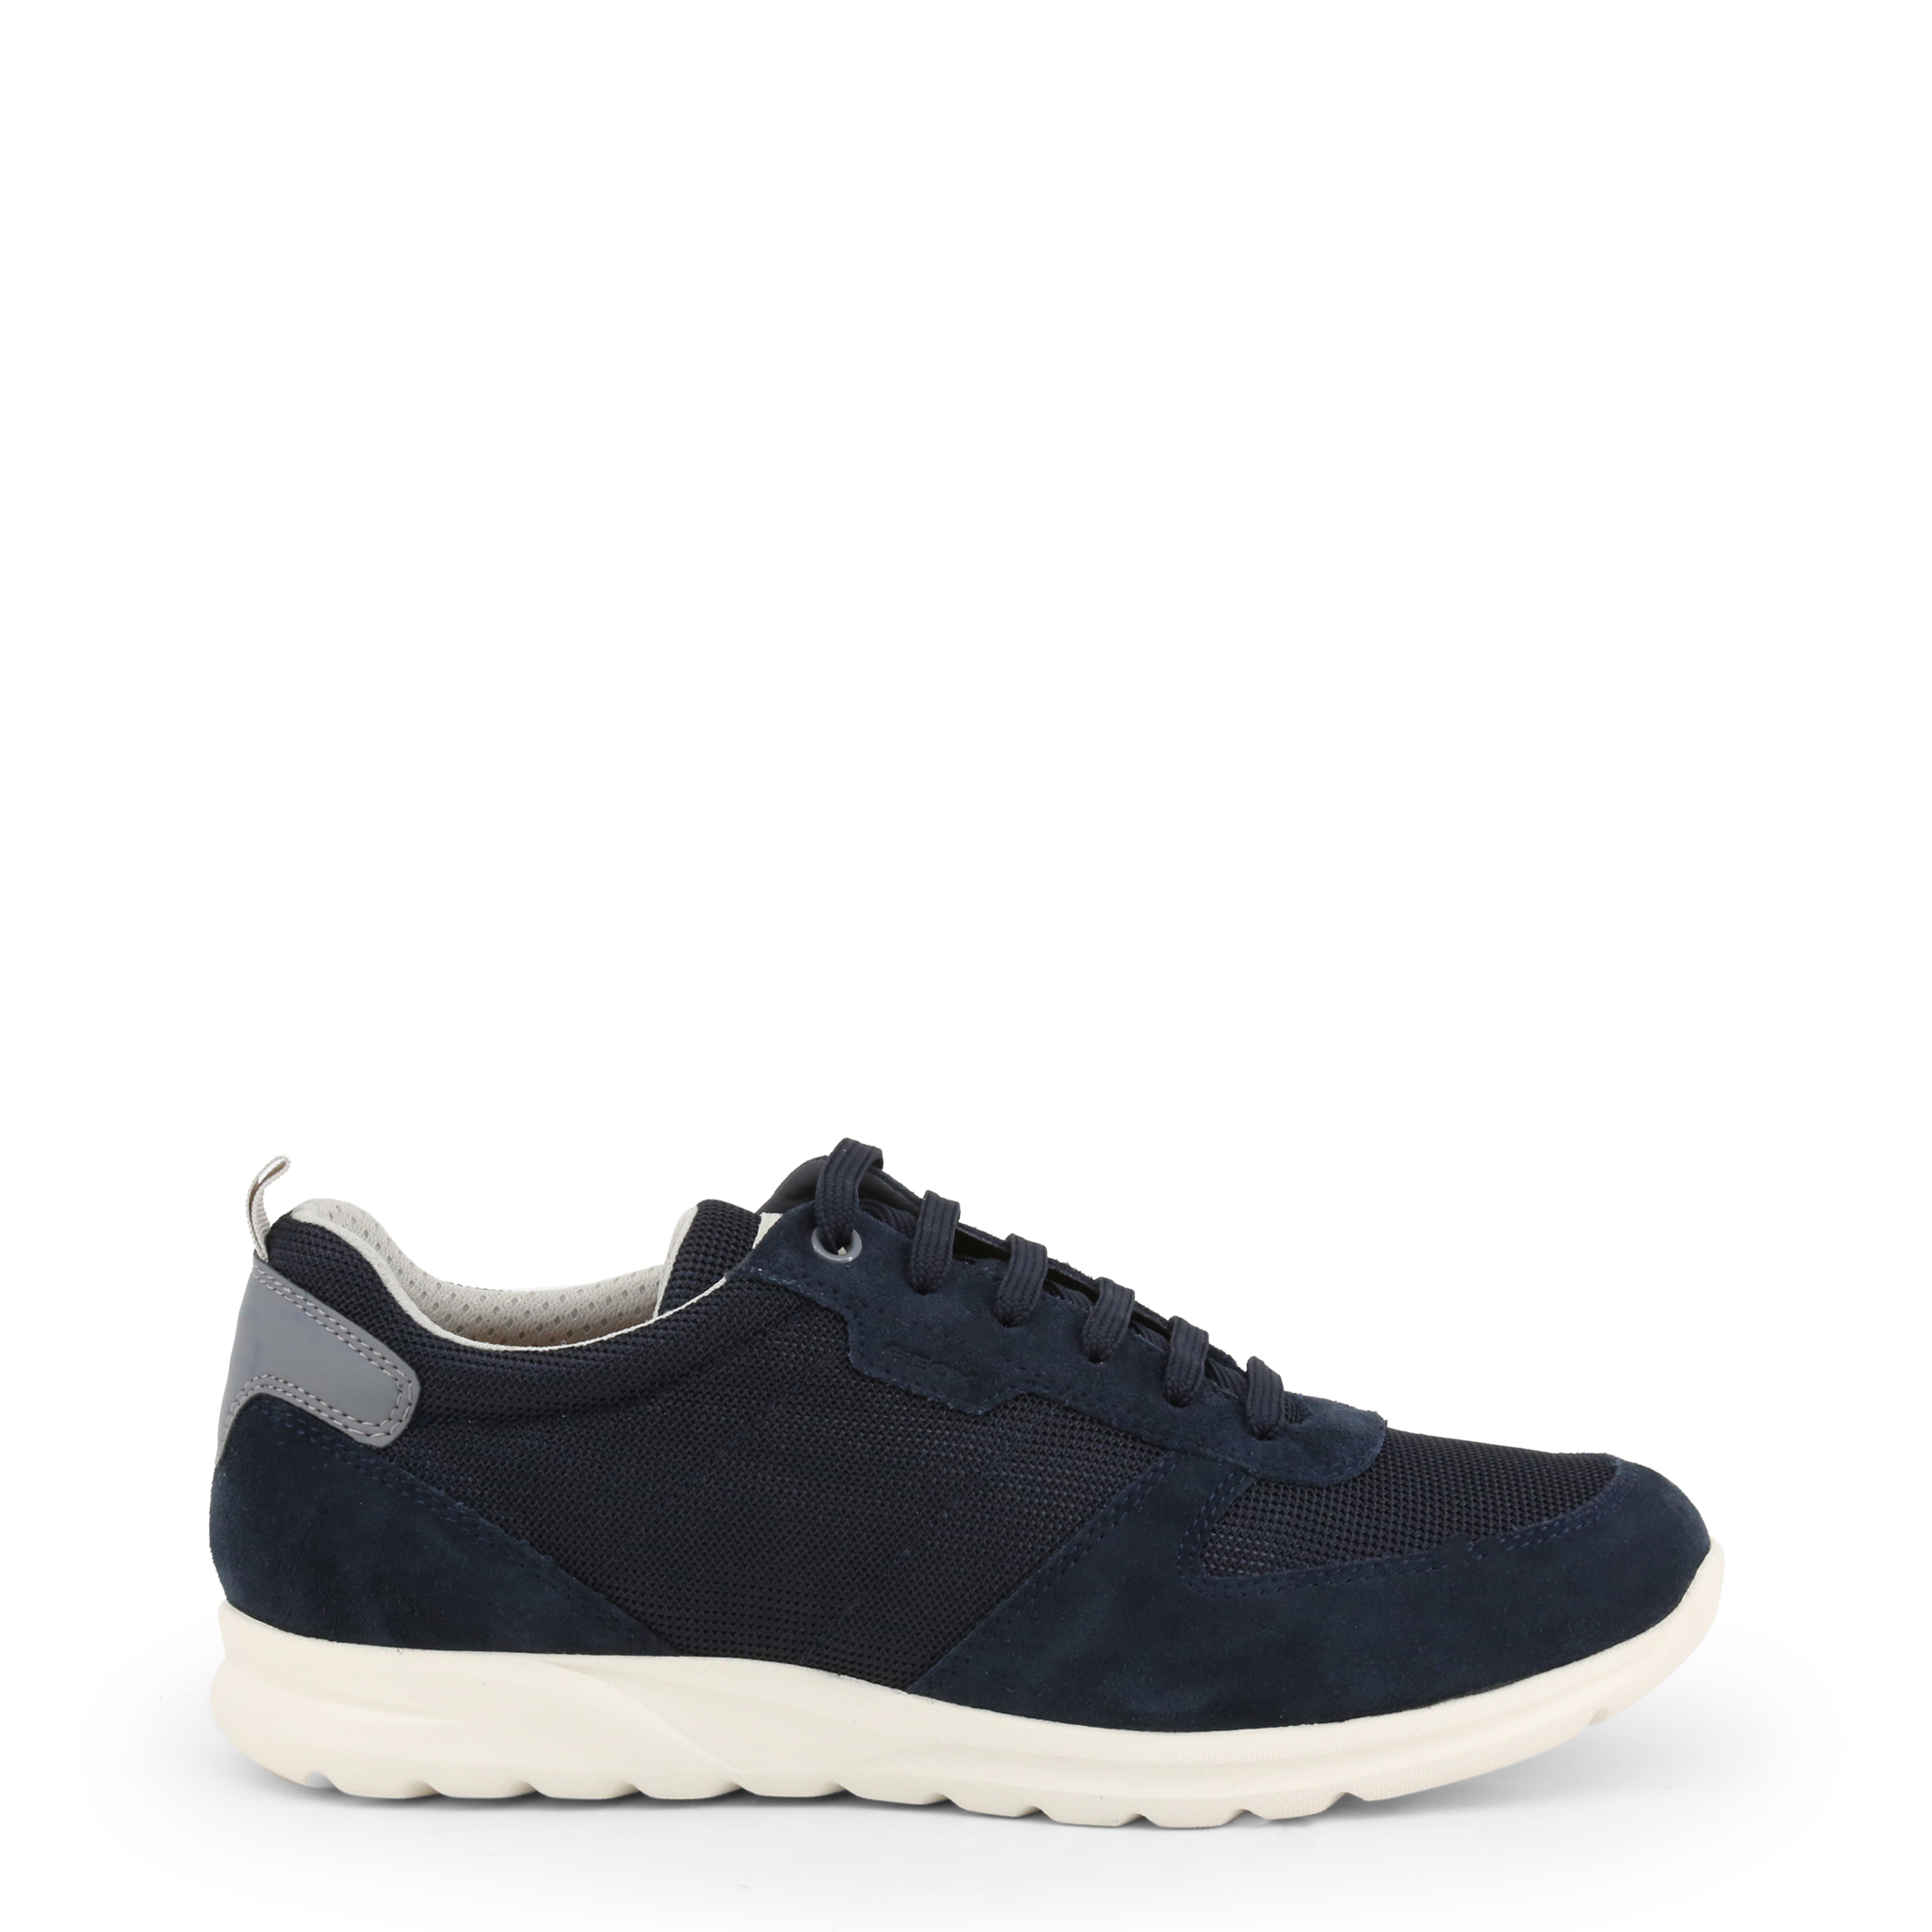 Sneakers Geox DAMIAN Uomo Blu 100589